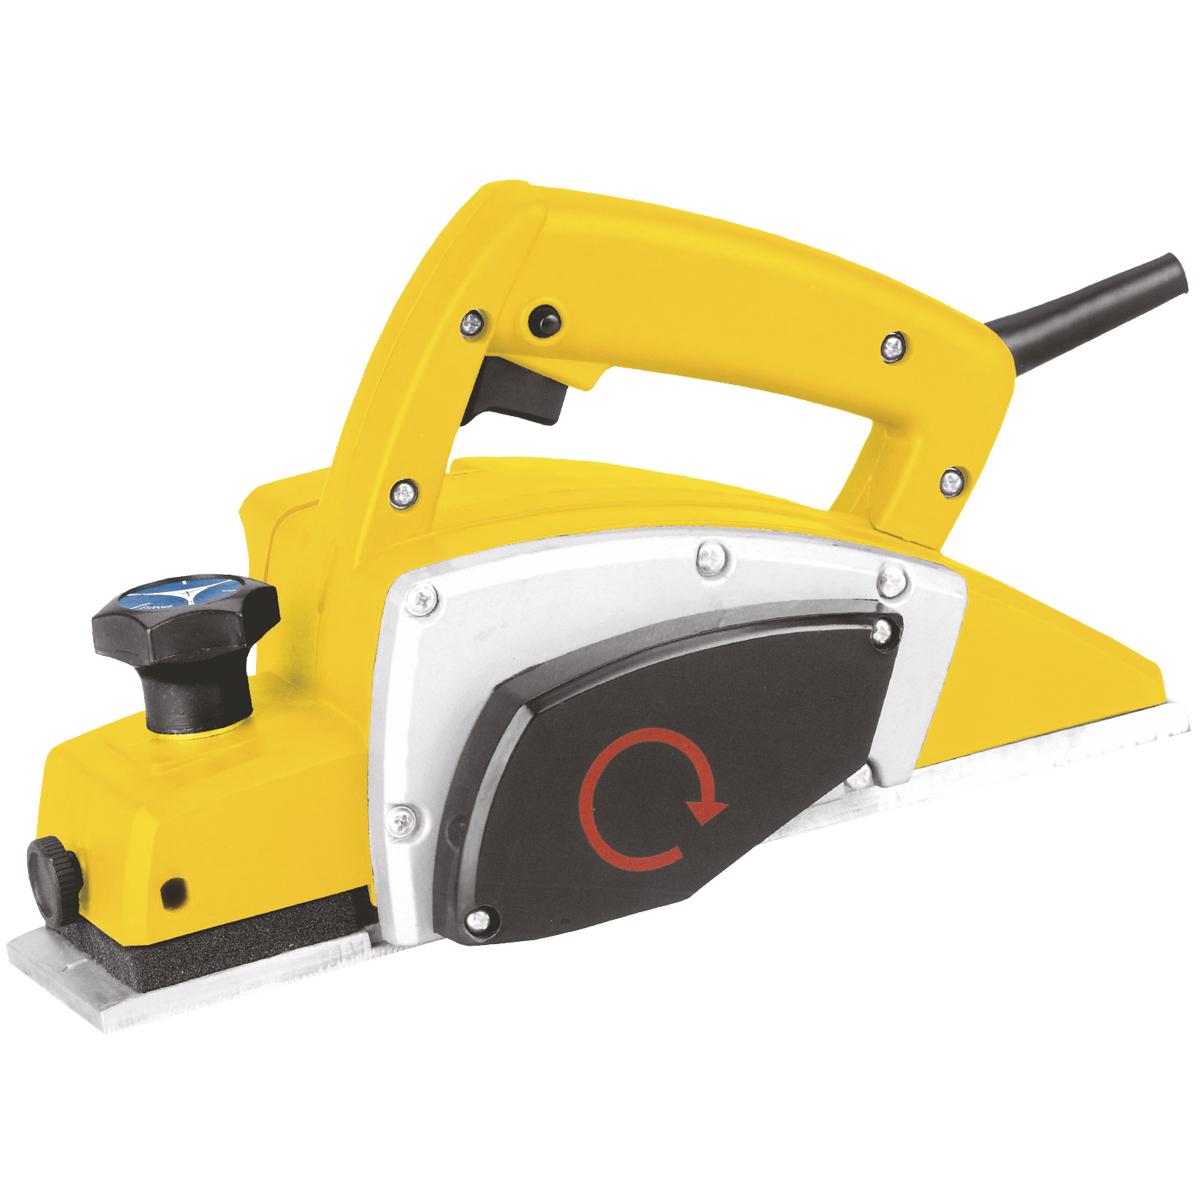 Рубанок электрический Kolner KEP 600кн600епЧастота, Гц: 50 Потребляемая мощность, Вт: 600 Частота оборотов на холостом ходу, об/мин: 16000 Ширина строгания, мм: 82 Глубина строгания, мм: 0-1 Размеры лезвия, мм: 82 х 5,8 х 1,3 Комплектация: параллельный упор, гаечный ключ, правка для ножей, держатель для заточки ножей, угольные щетки